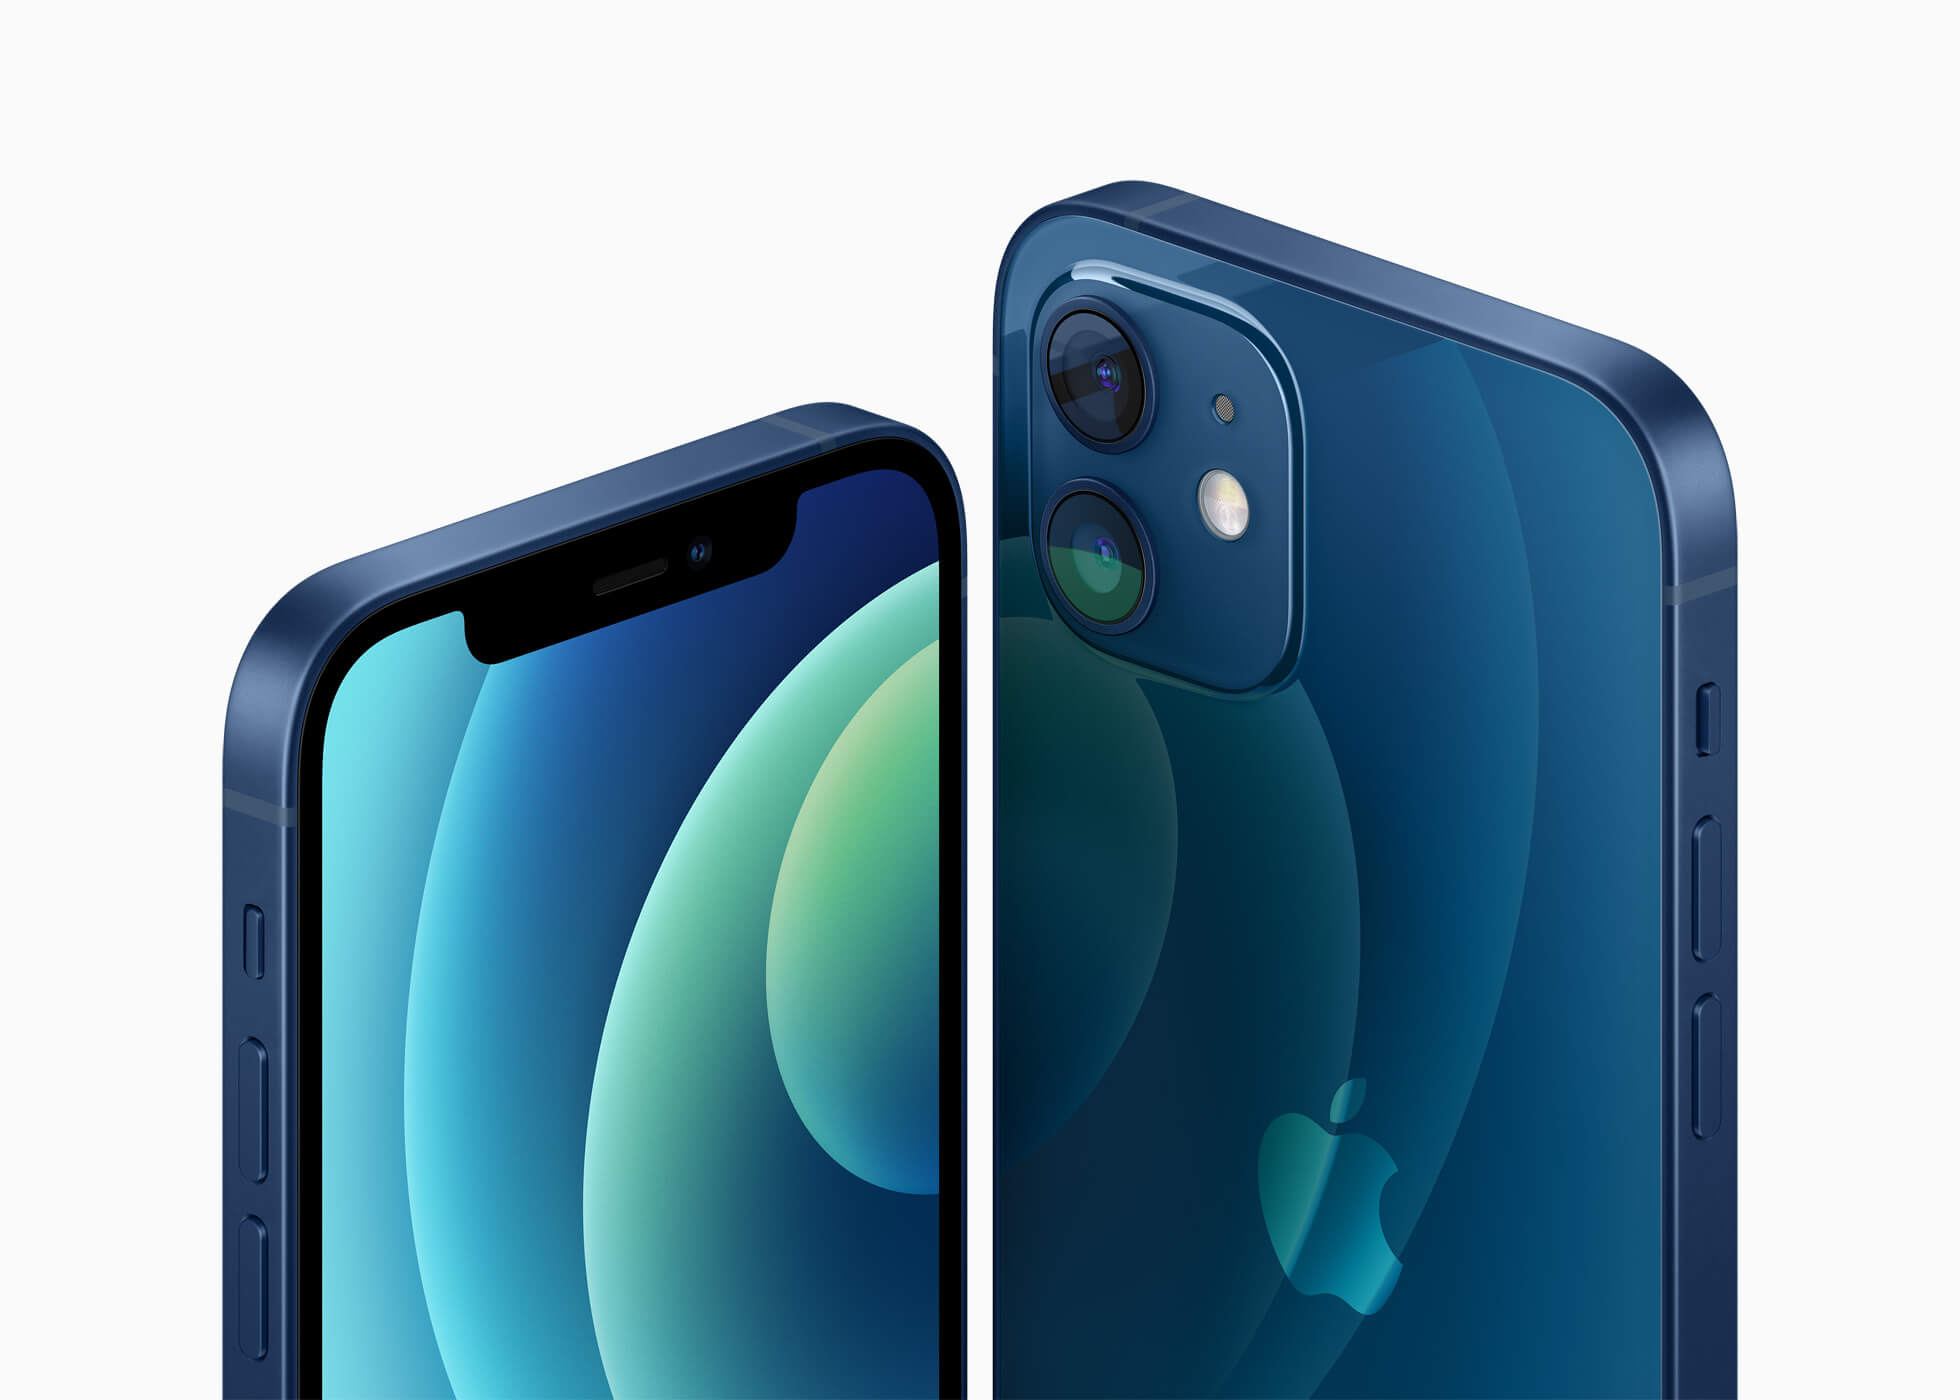 Das iPhone 12 erlaubt iOS-Updates im Mobilfunknetz – über 5G